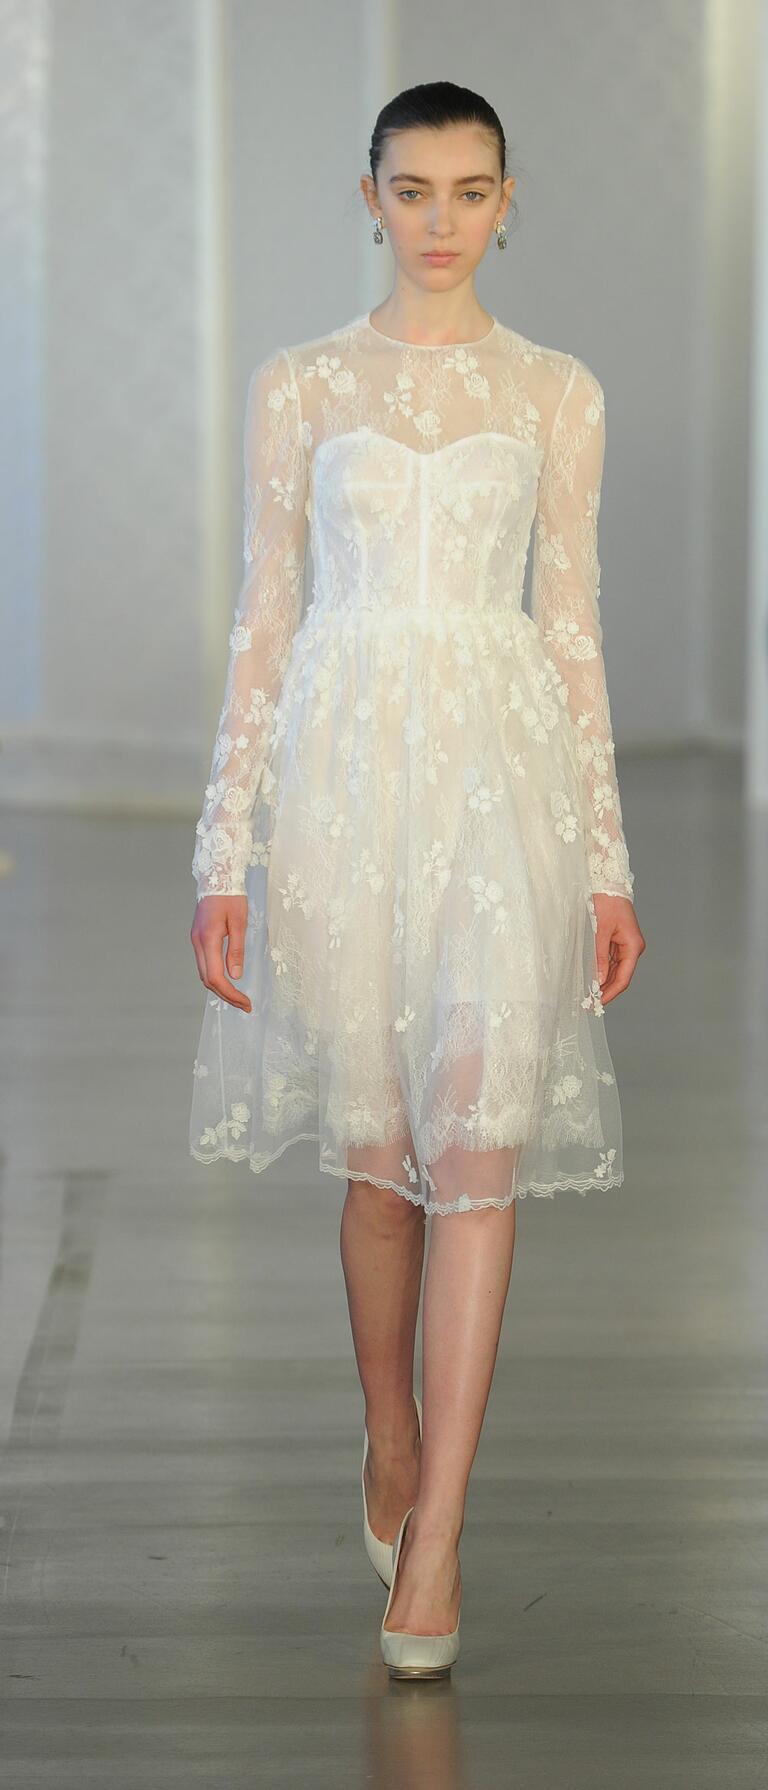 Oscar De La Renta Spring 2017 Collection Bridal Fashion